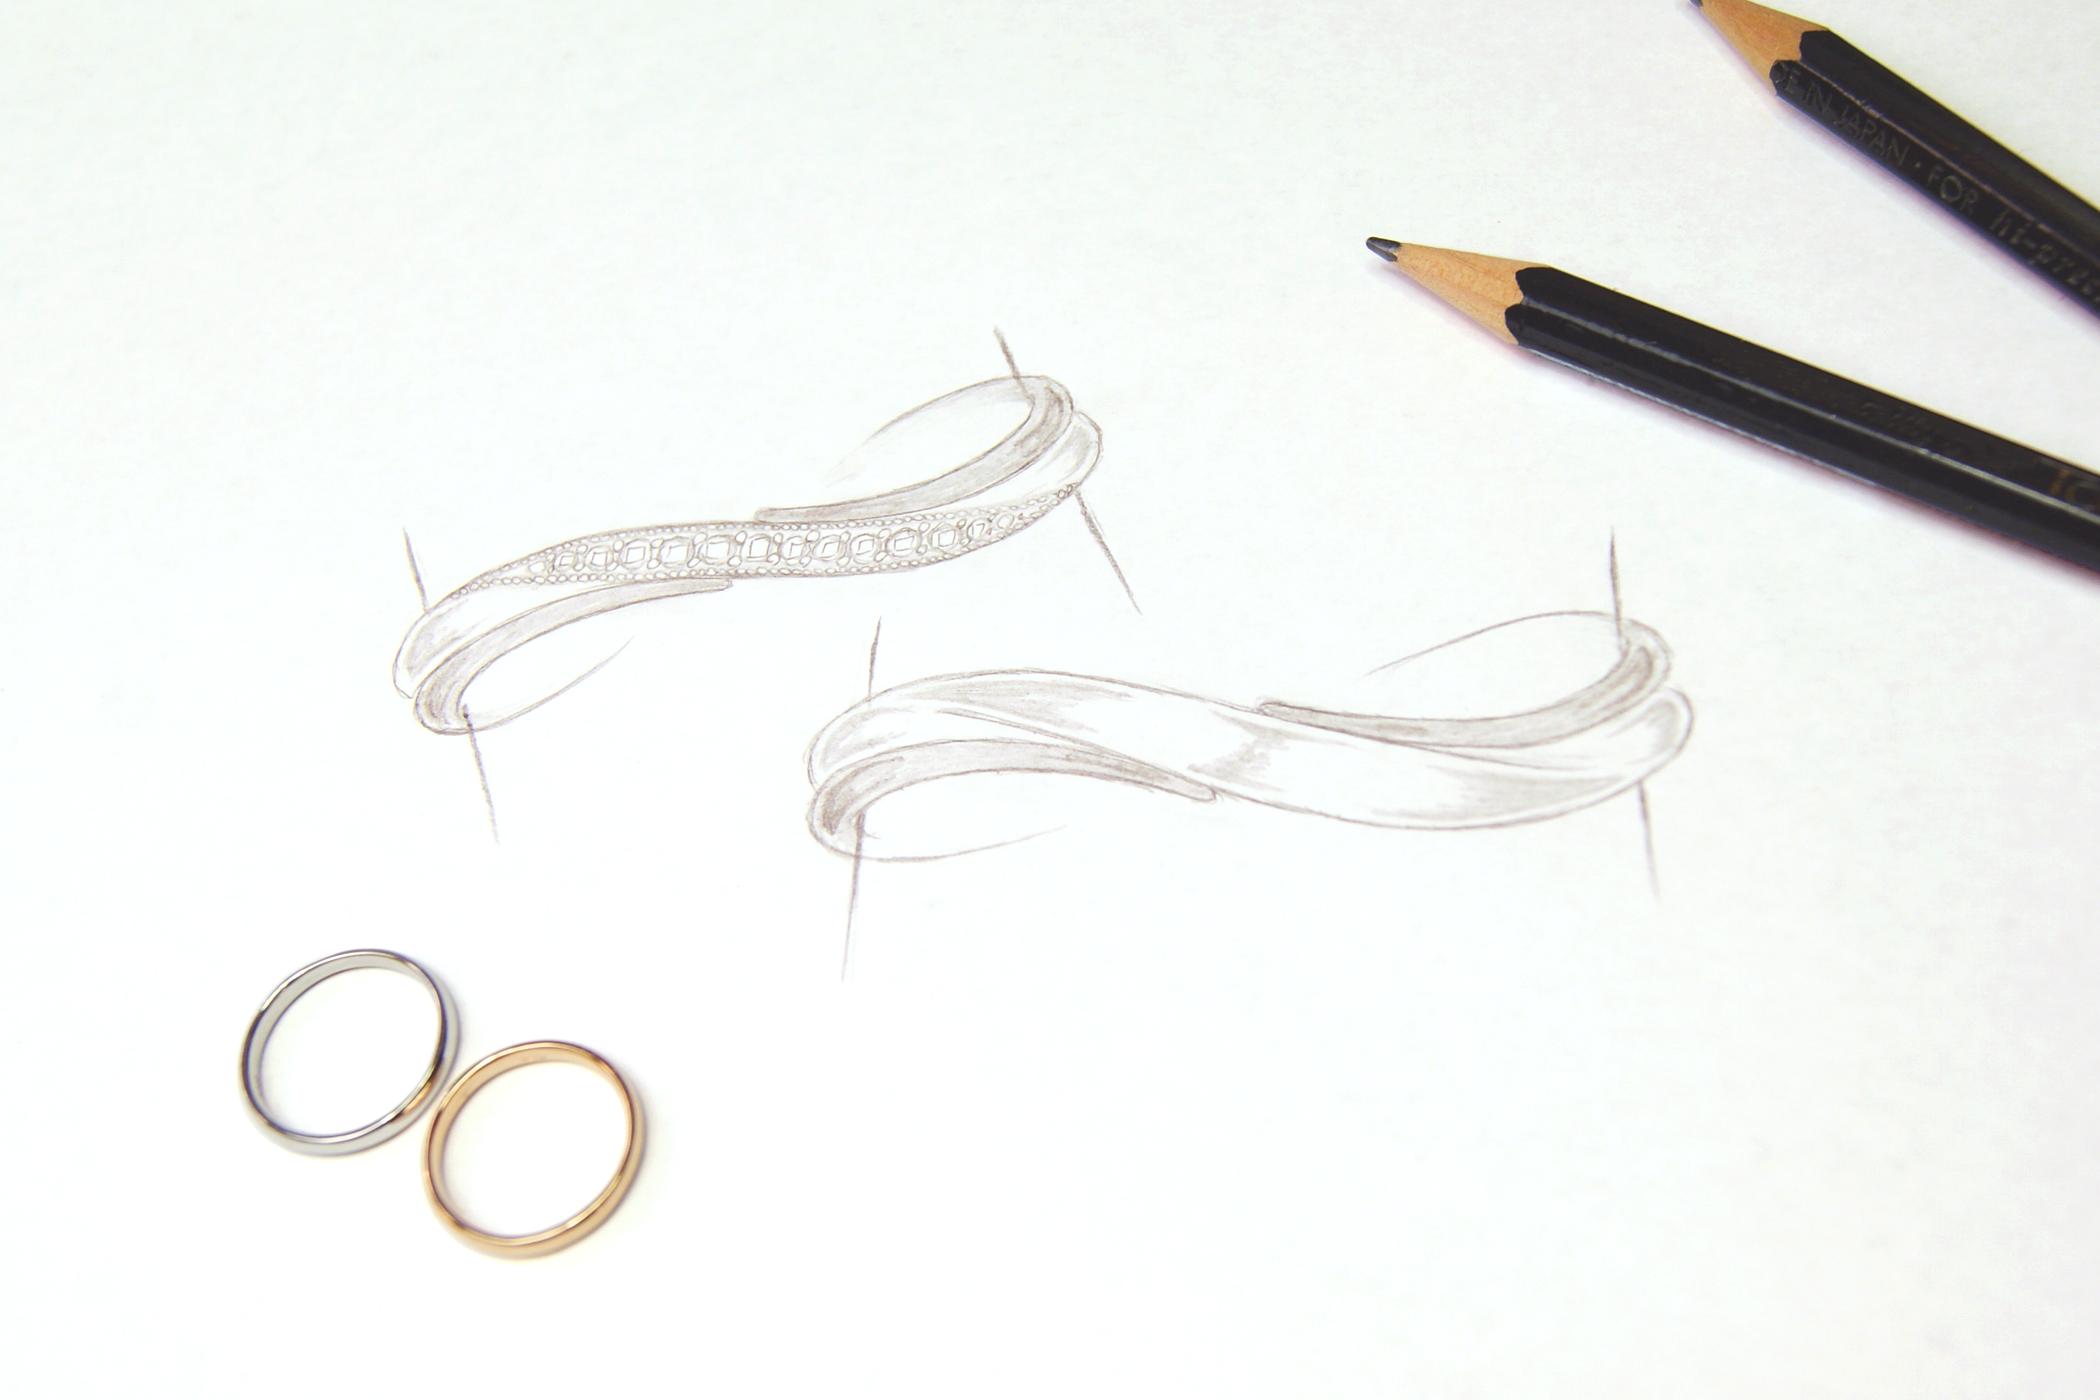 kazariyaYui郡山結婚指輪デザイン画